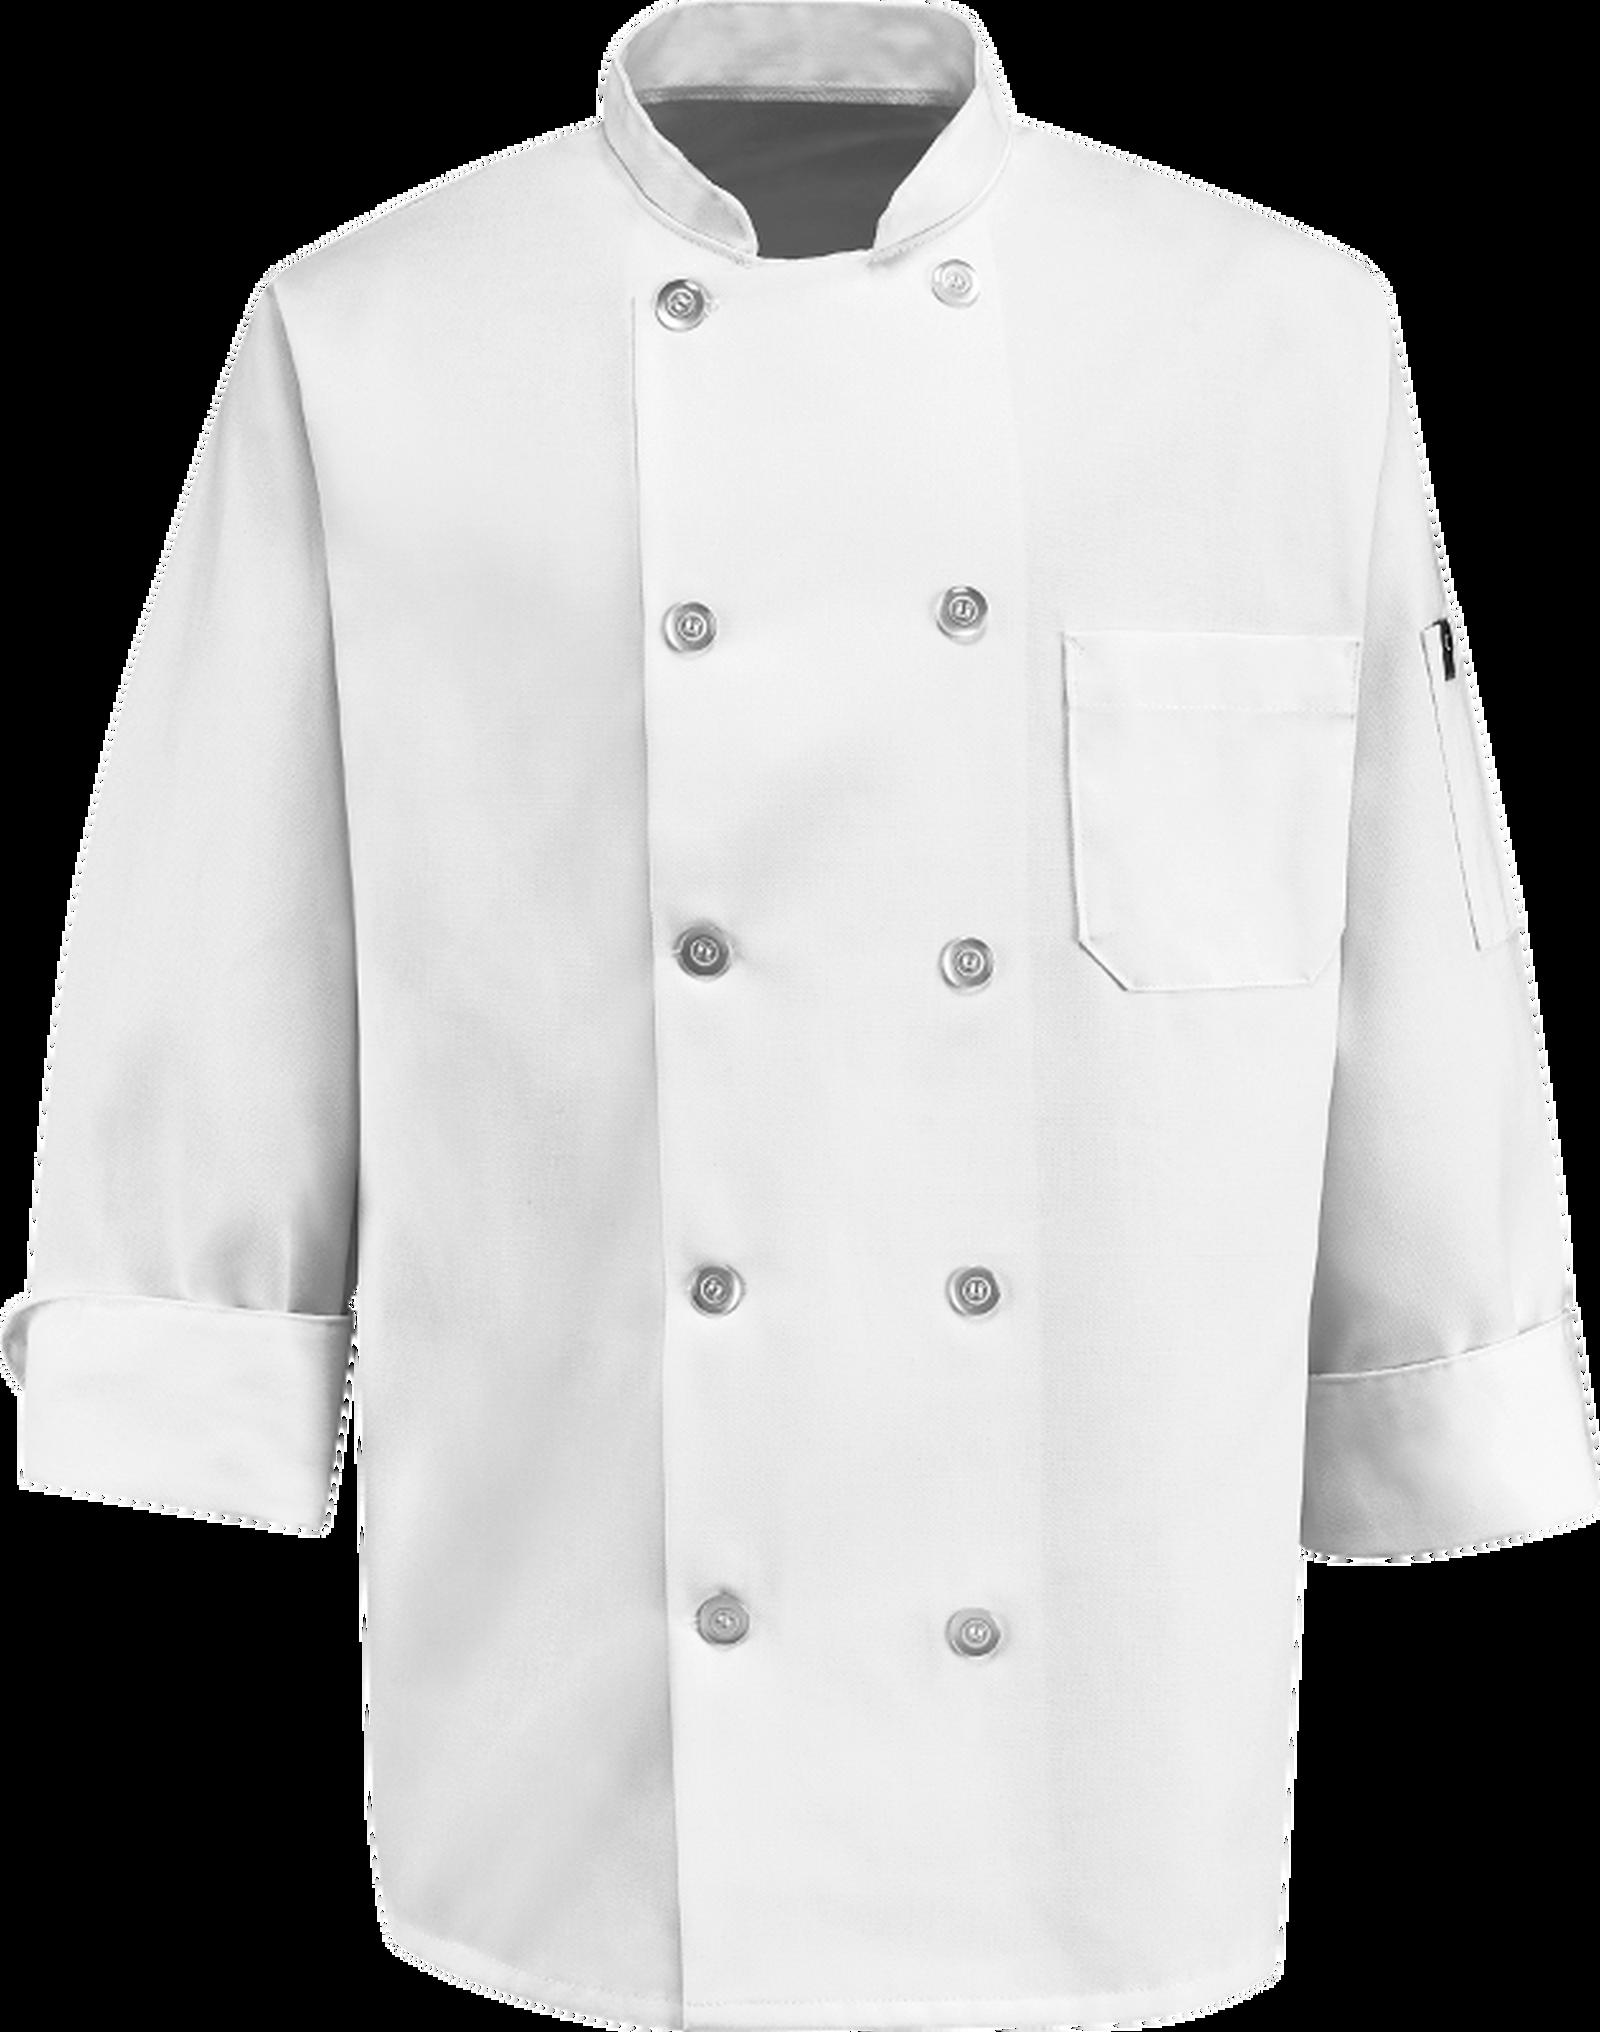 Chef Designs Ten Pearl Button Chef Coat